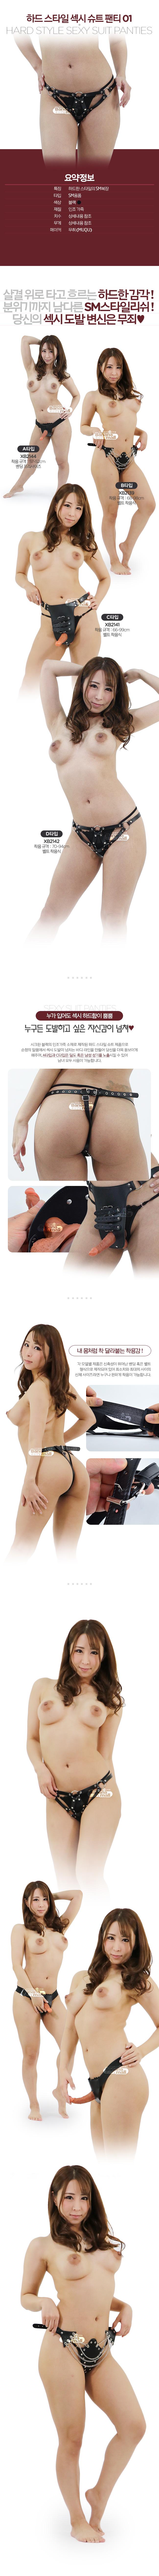 [SM 플레이] 하드 스타일 섹시 슈트 팬티 01(Hard Style Sexy Suit Panties 01)